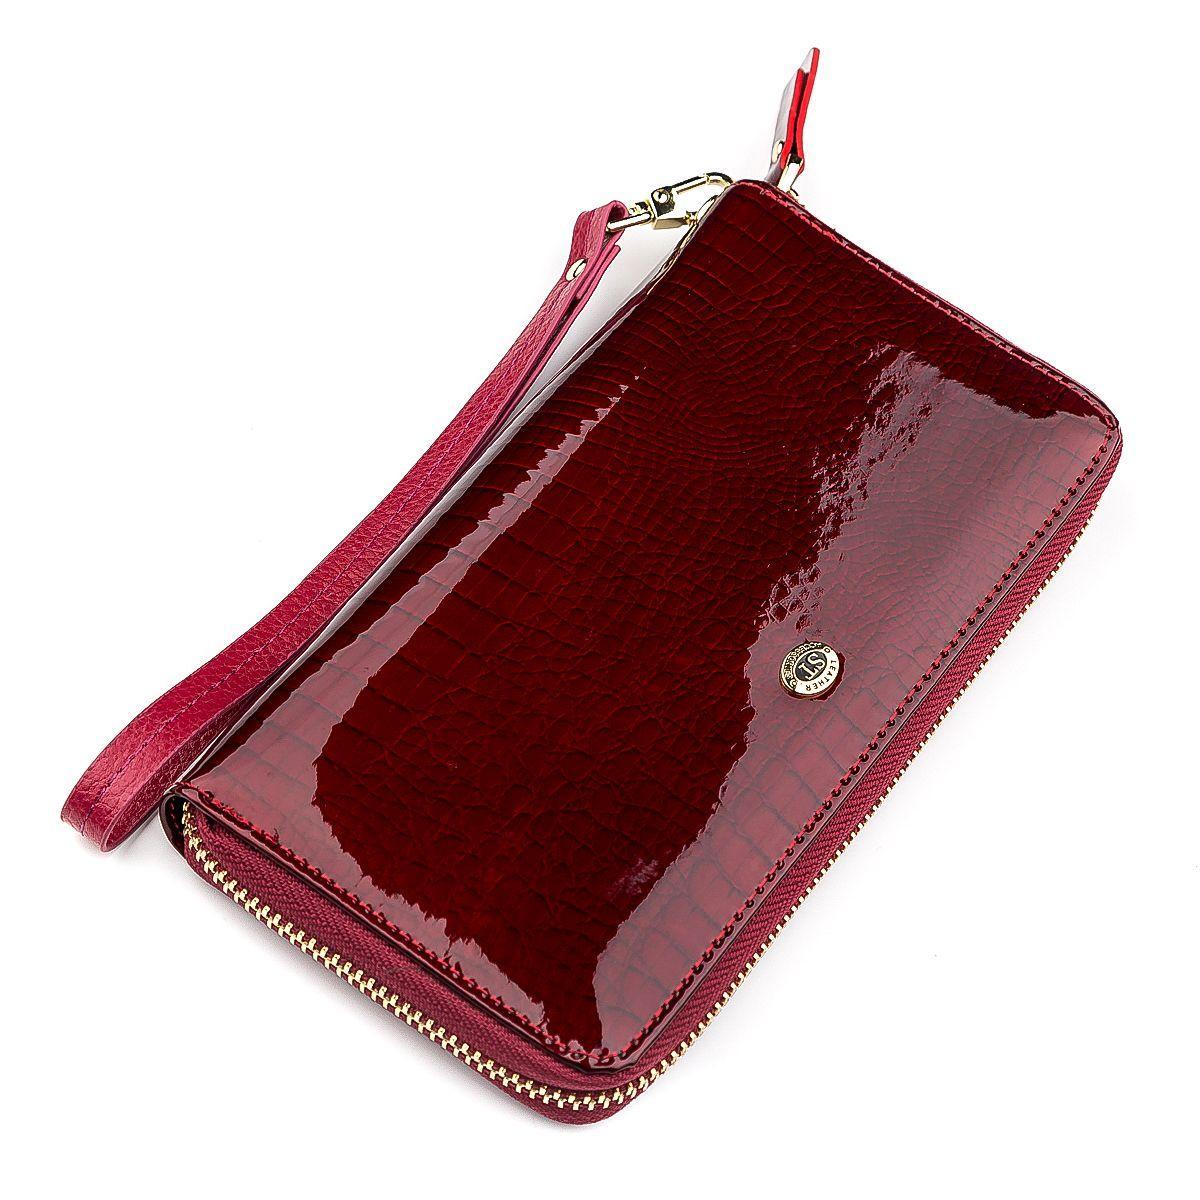 Кошелек женский ST Leather 18400 (S4001A) кожаный Бордовый, Бордовый